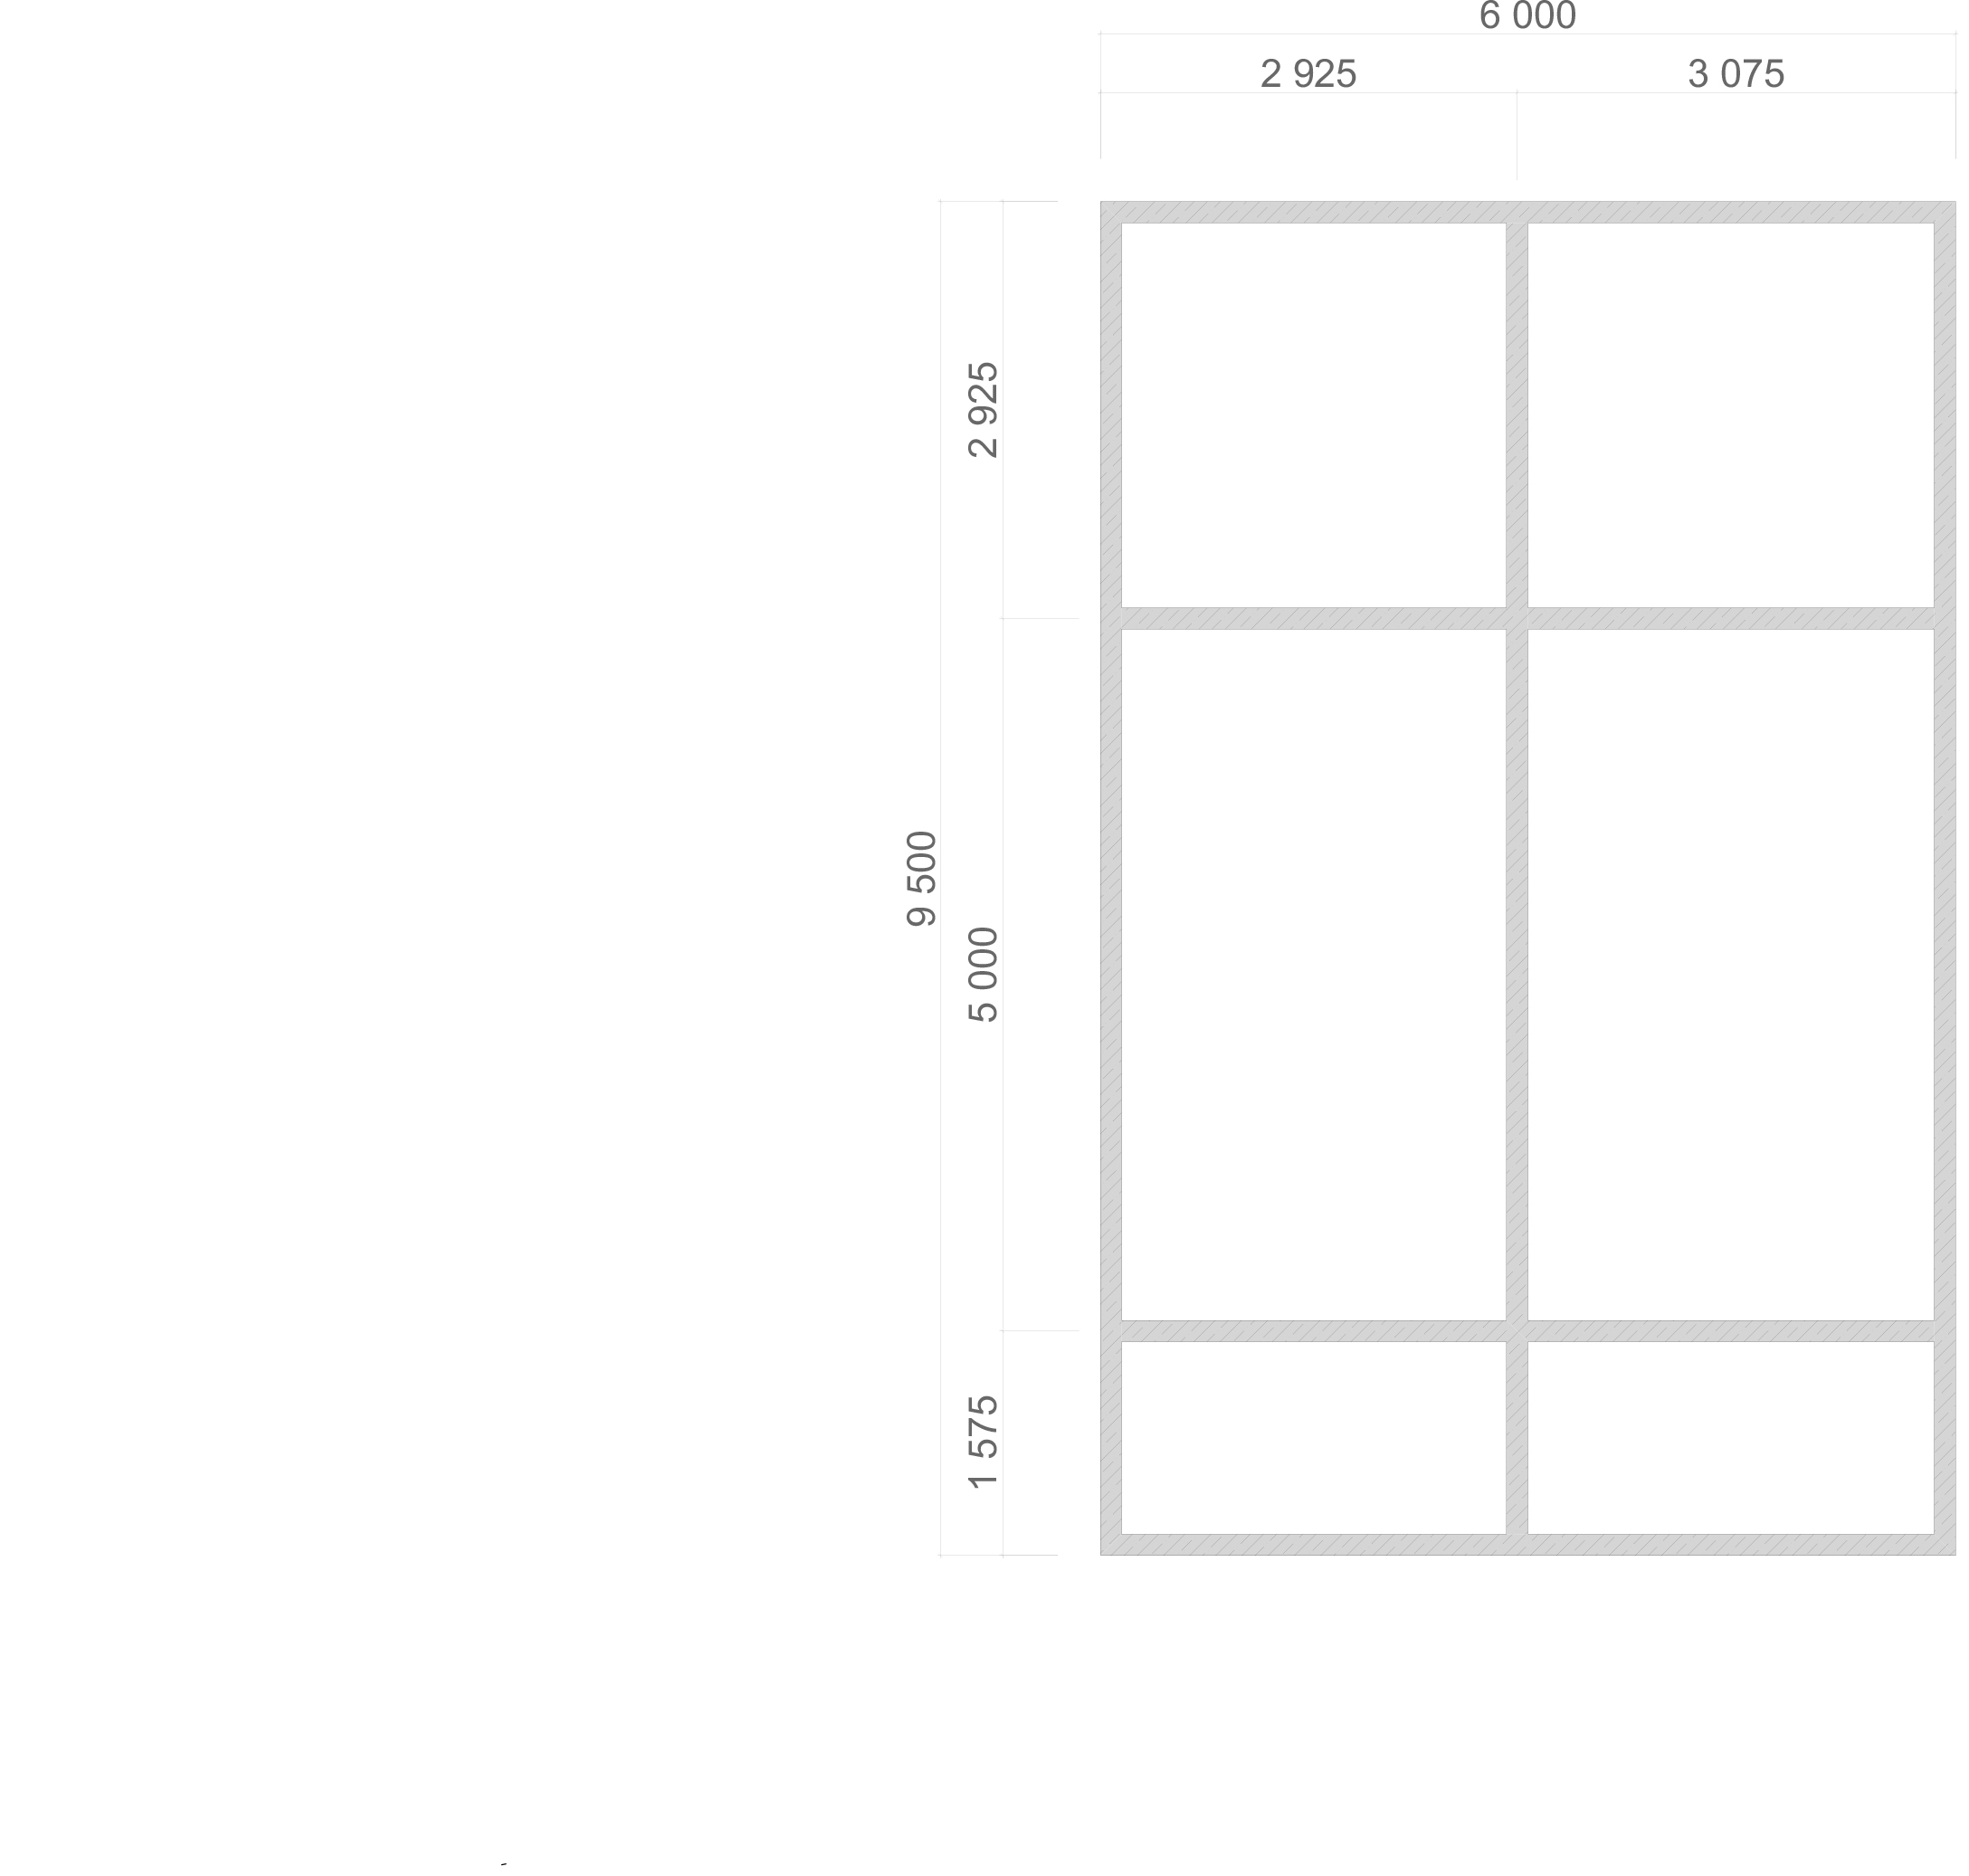 Проект дома из бруса 6х9,5 1,5 этажа с террасой и балконом. План фундамента.